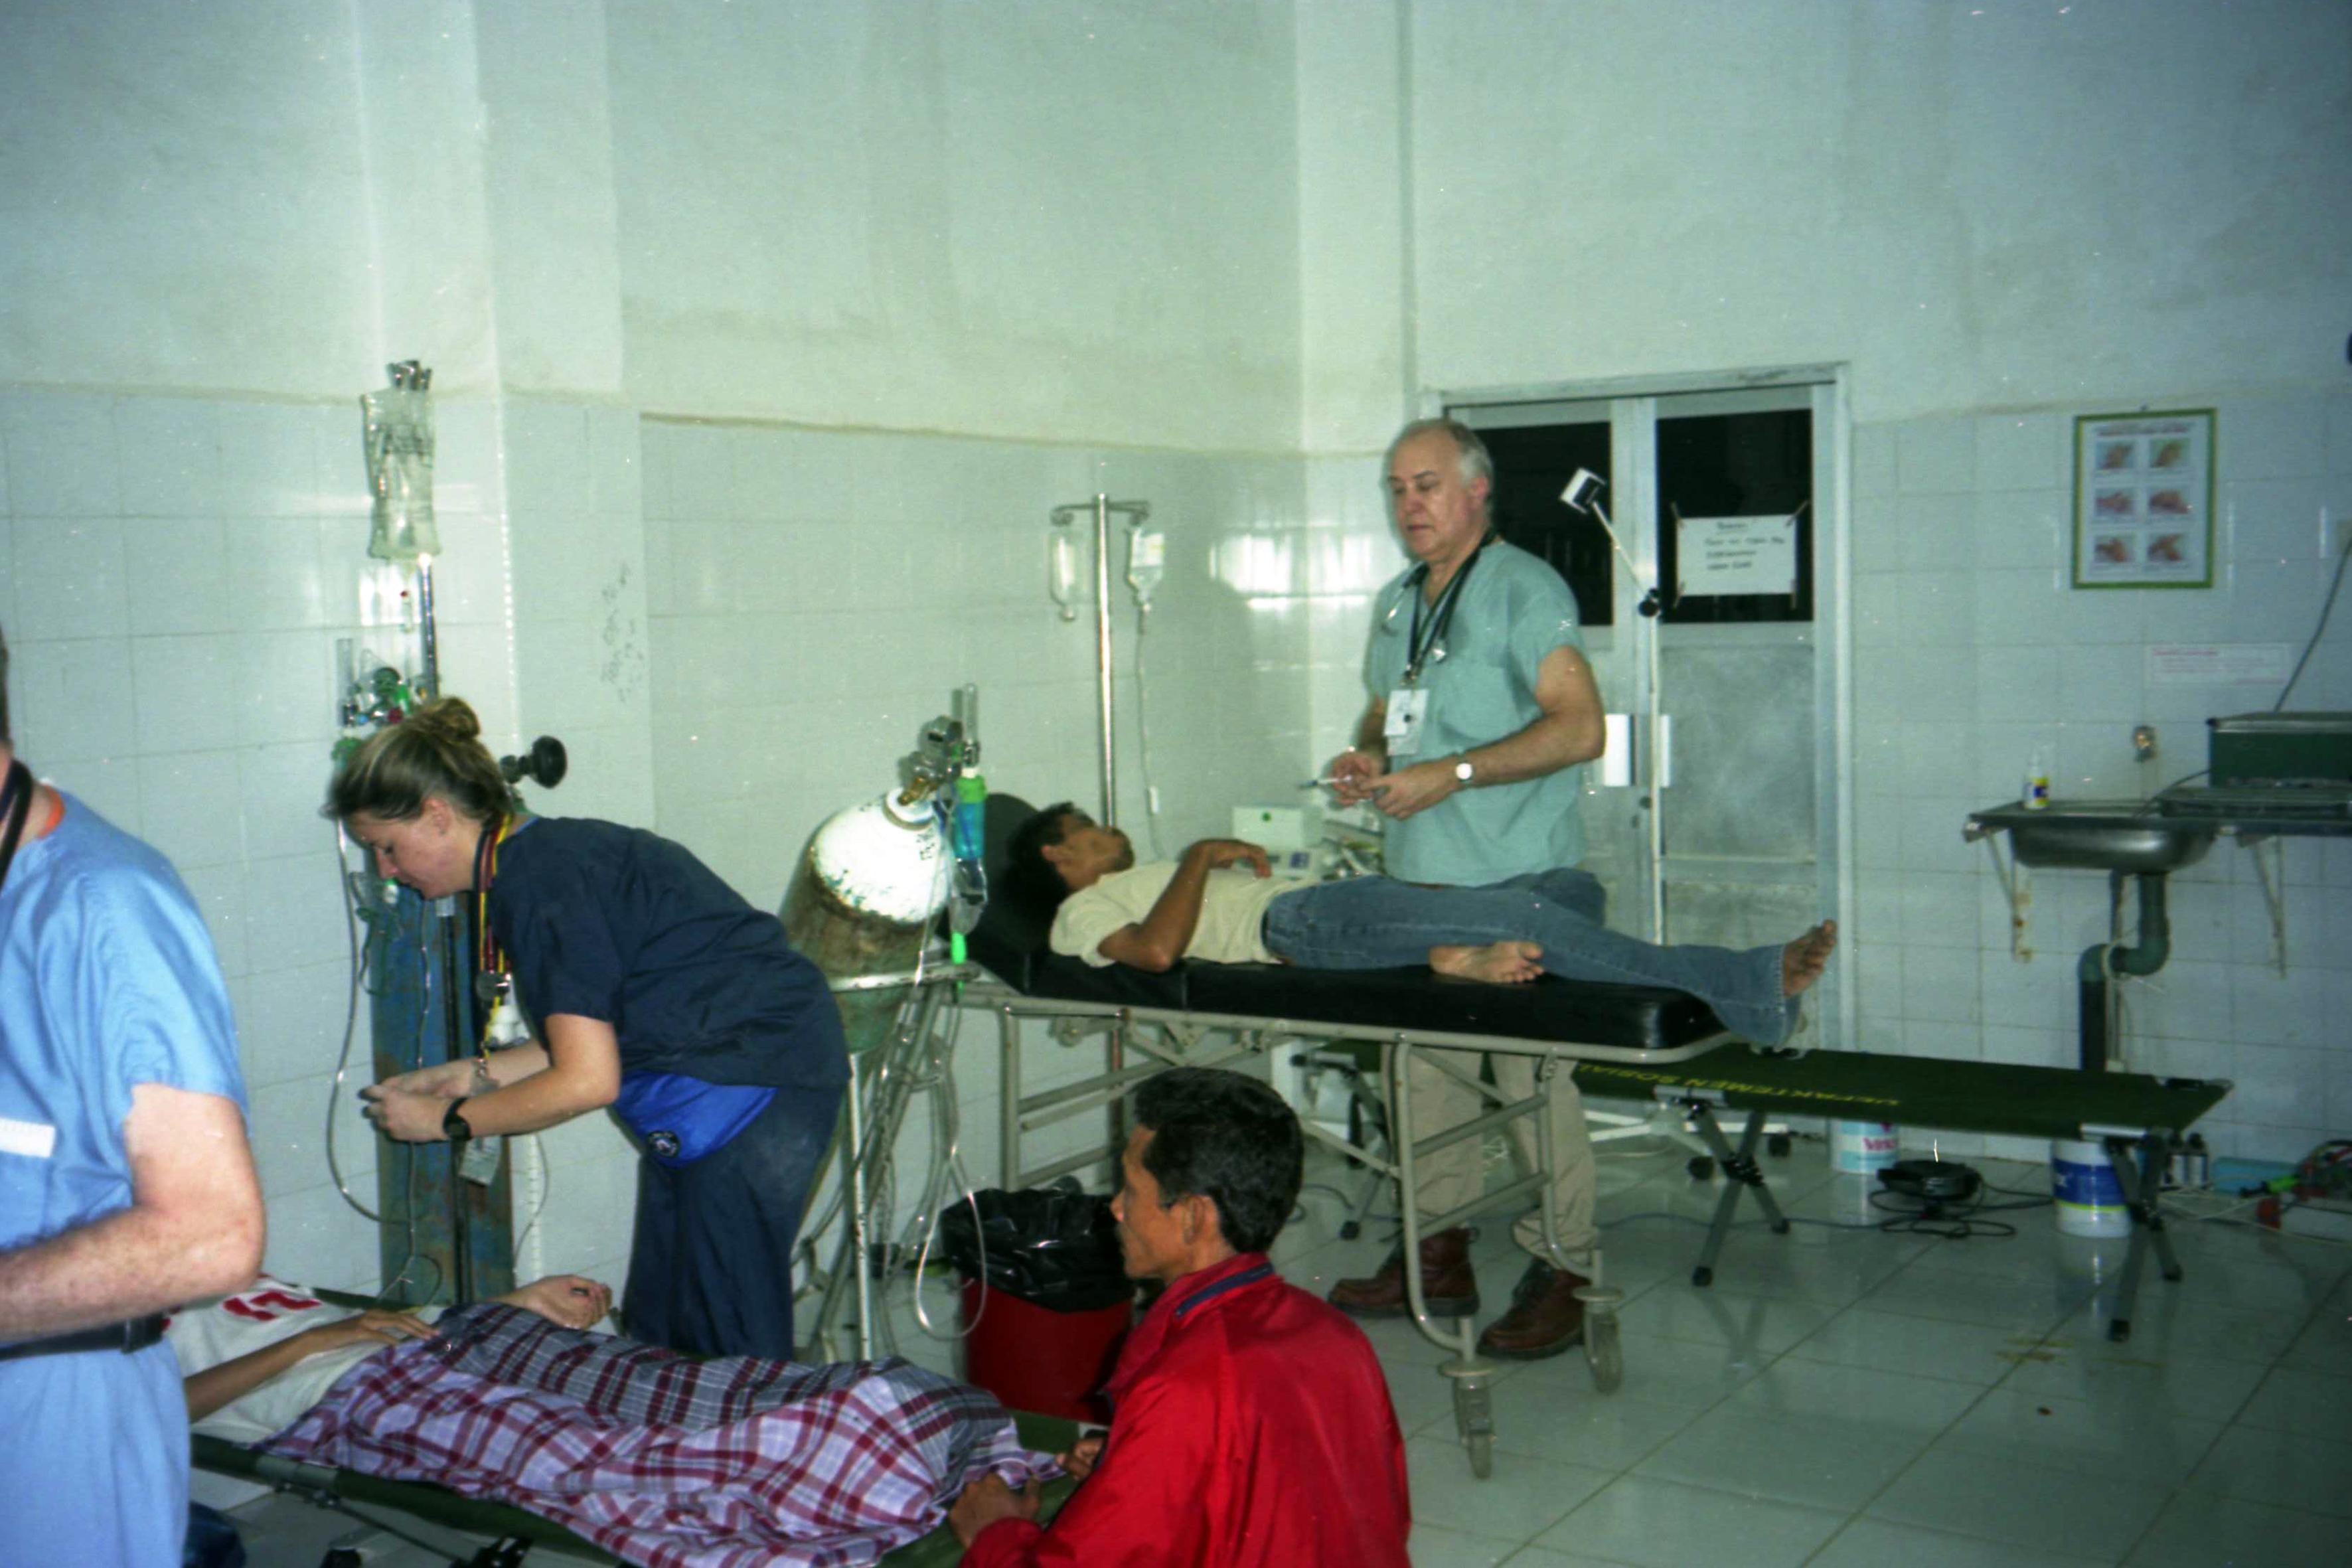 Αποστολή στην Ινδονησία 2005, βοήθεια για τους πληγέντες του τσουνάμι